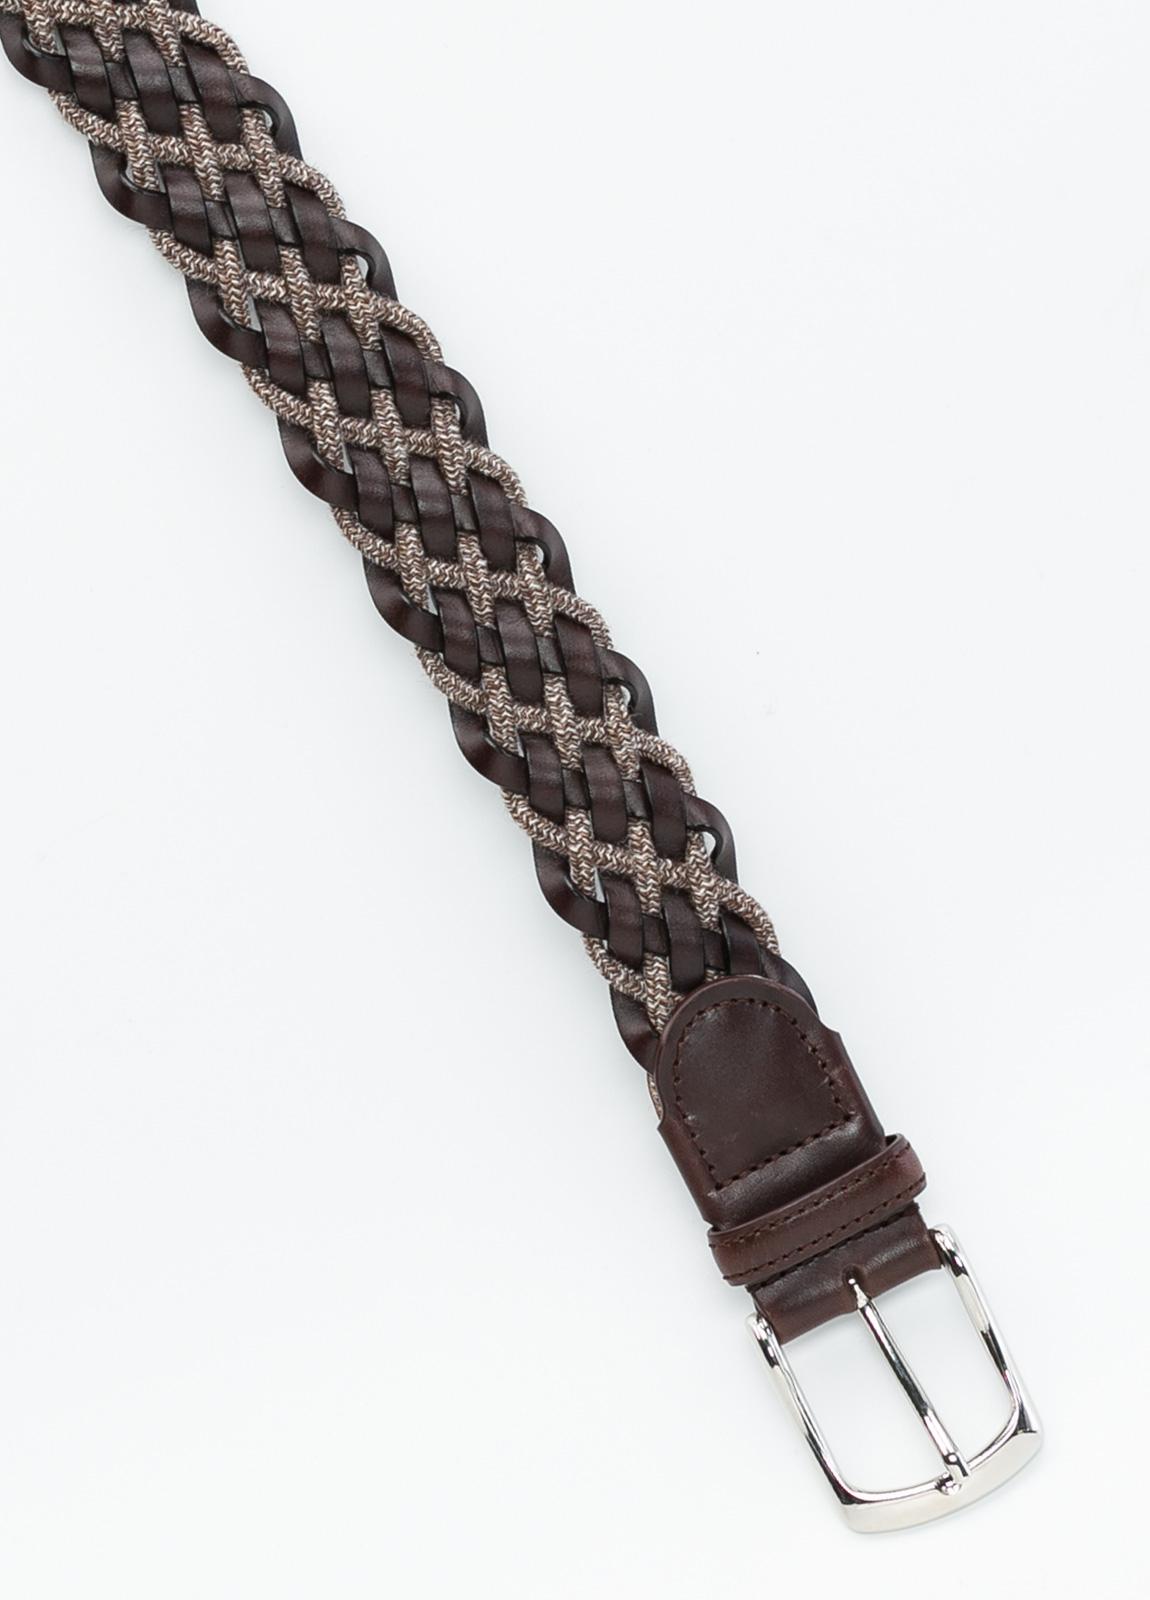 Cinturón sport trenzado color marrón, 100% Lana. Detalles en piel y hebilla de Níquel. - Ítem1